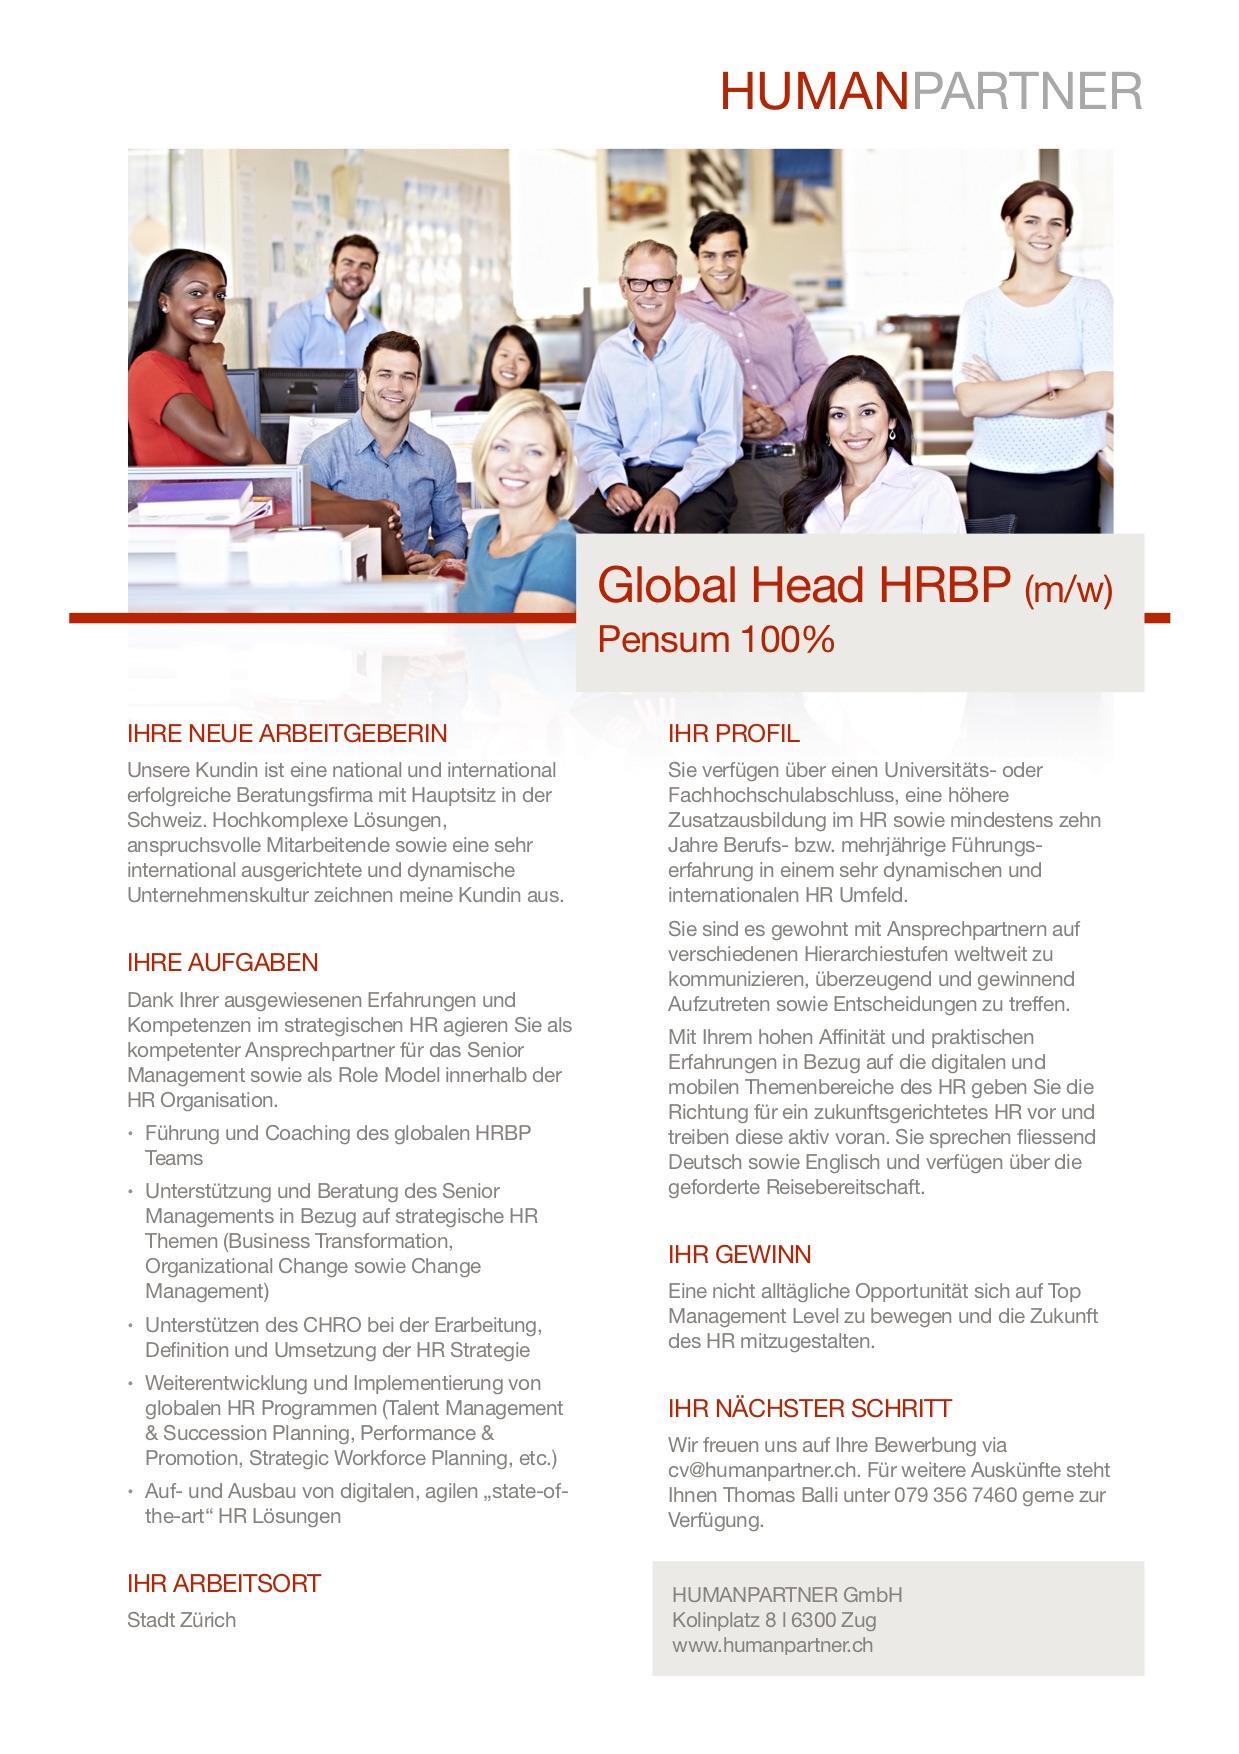 Global Head HRBP - 2018